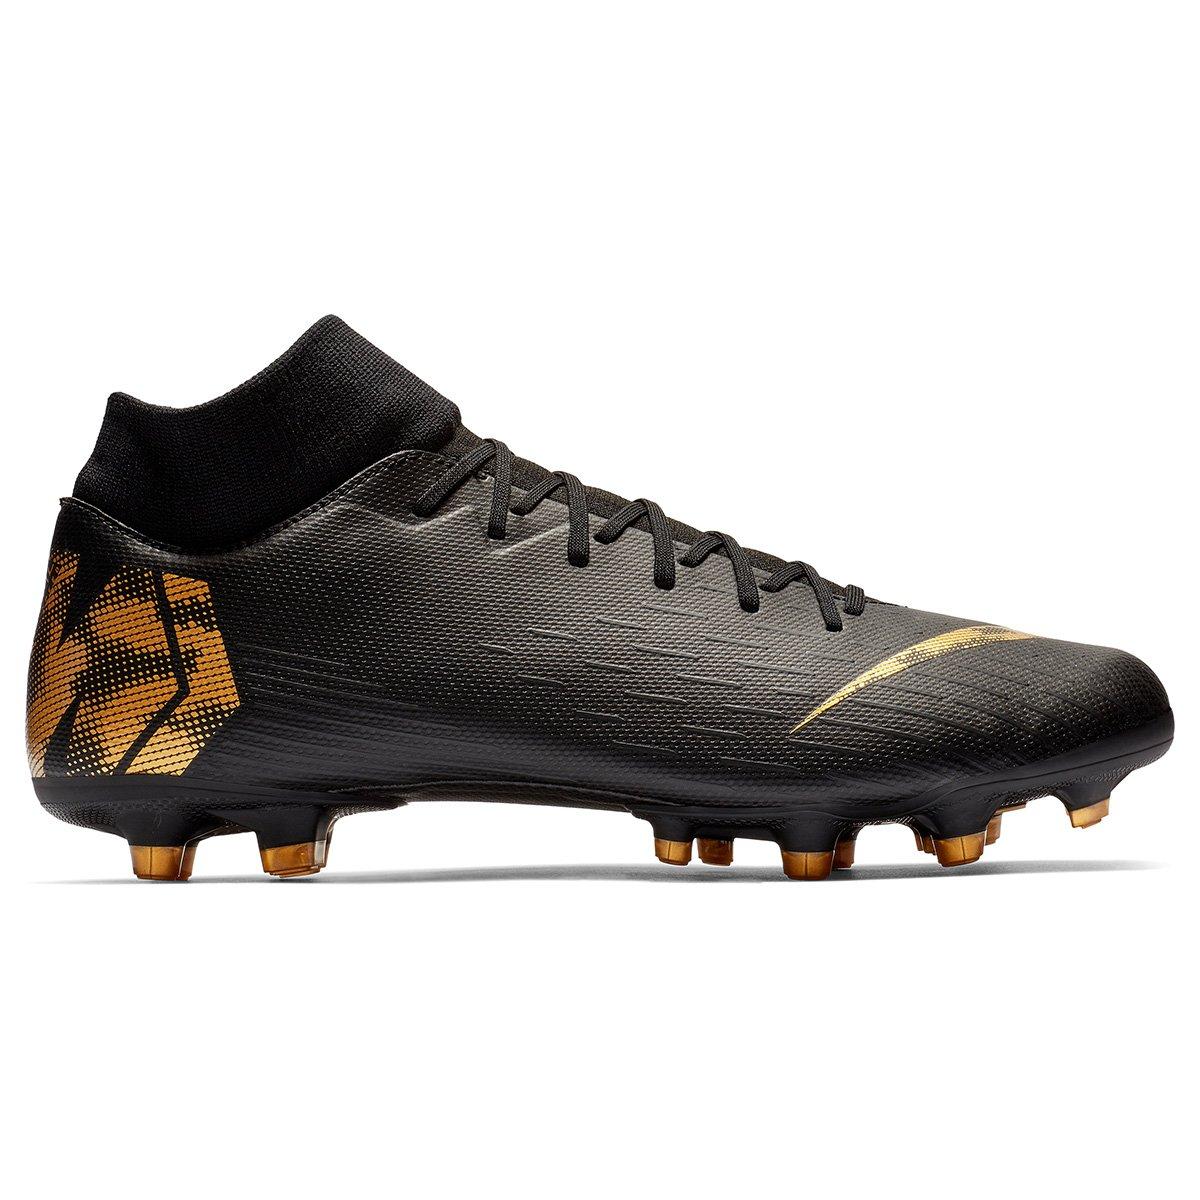 bff4cda3f8 Chuteira Campo Nike Mercurial Superfly 6 Academy - Preto e Dourado ...